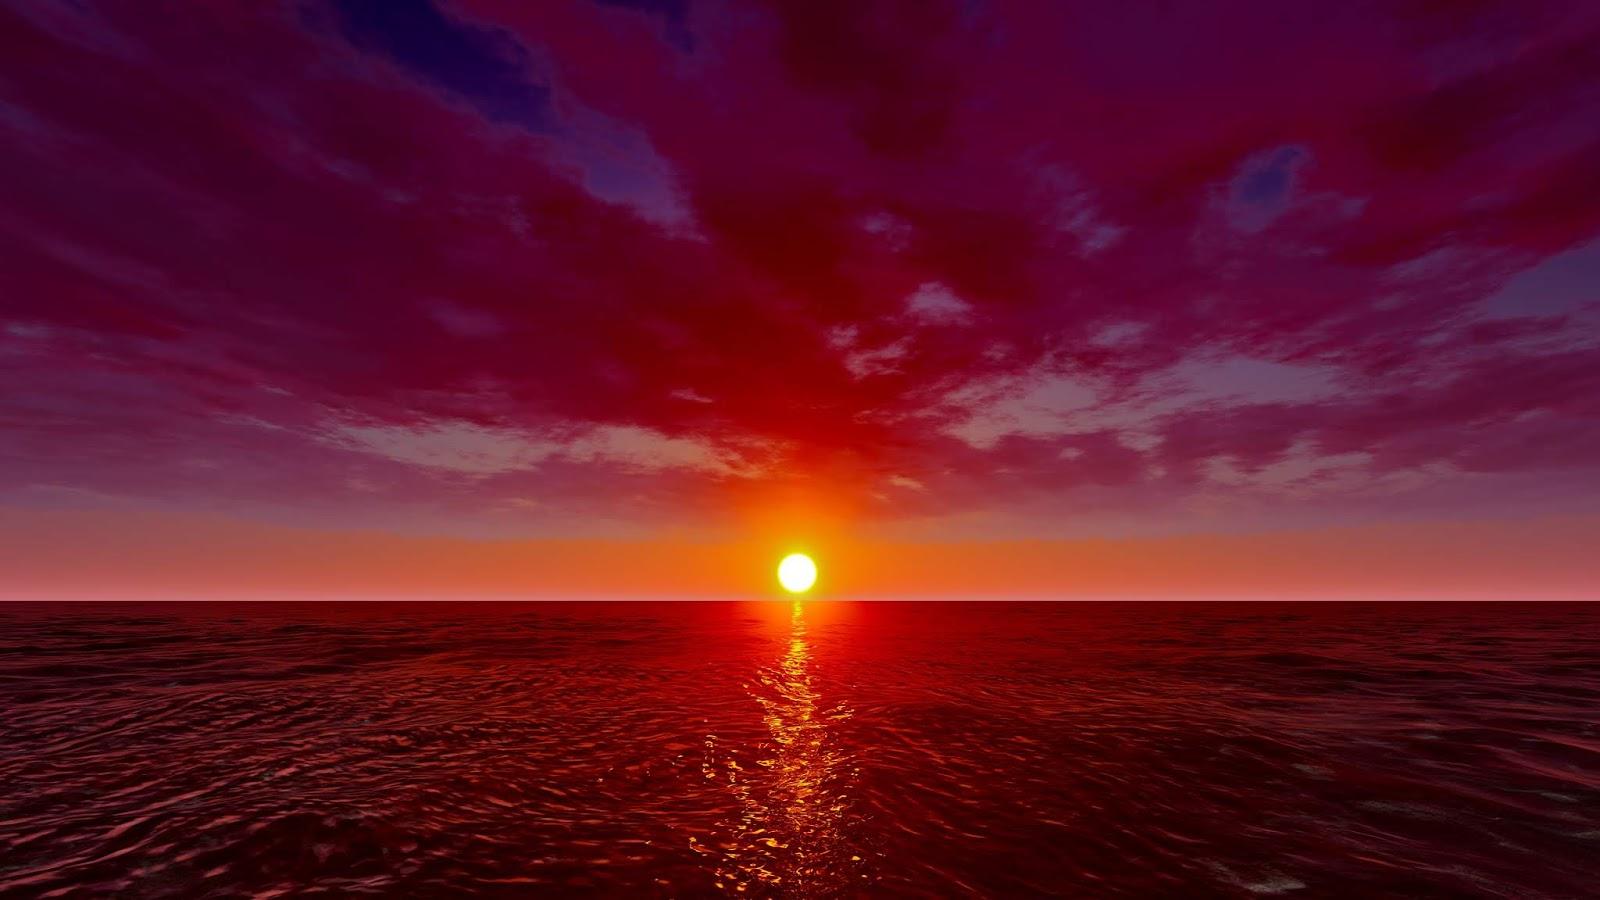 Ảnh background bầu trời đỏ rực chất lừ